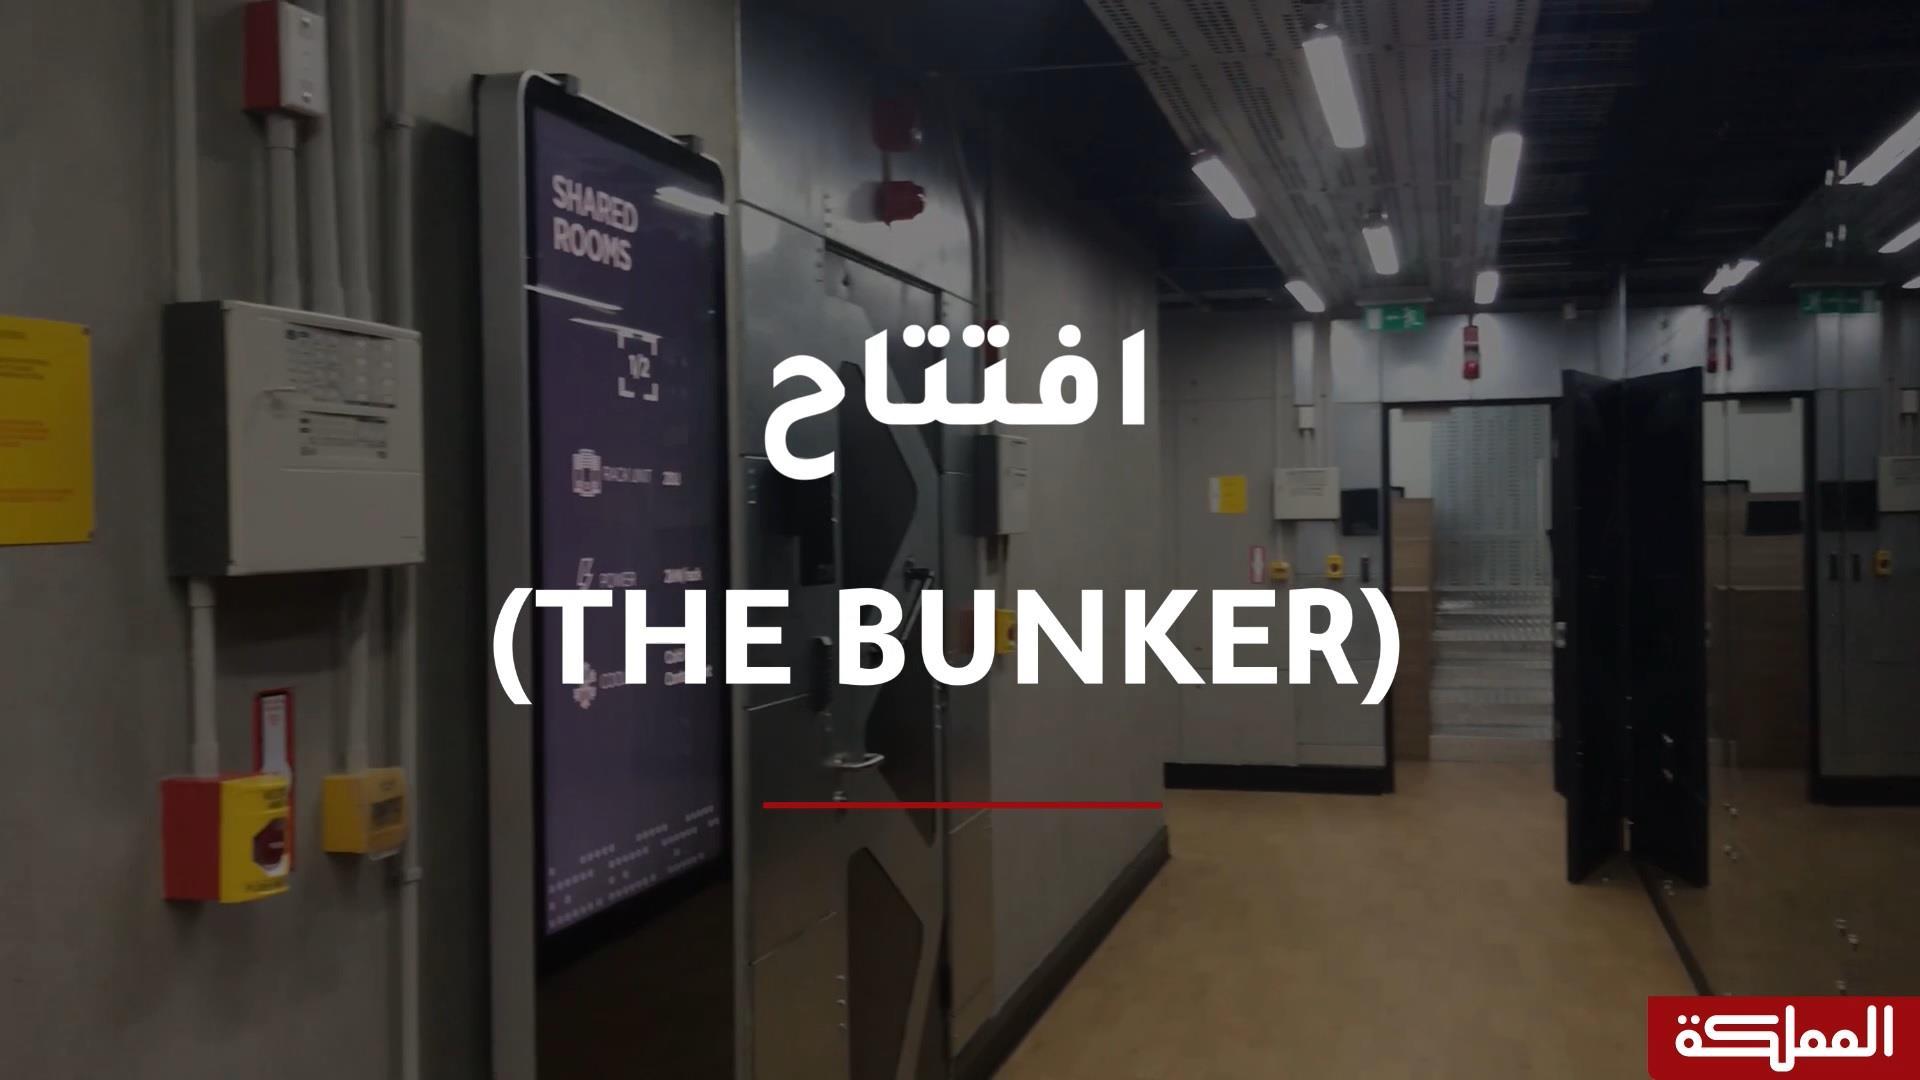 افتتاح مركز زين الإقليمي لتخزين البيانات و المعلومات و التعافي من الكوارث  (The Bunker)